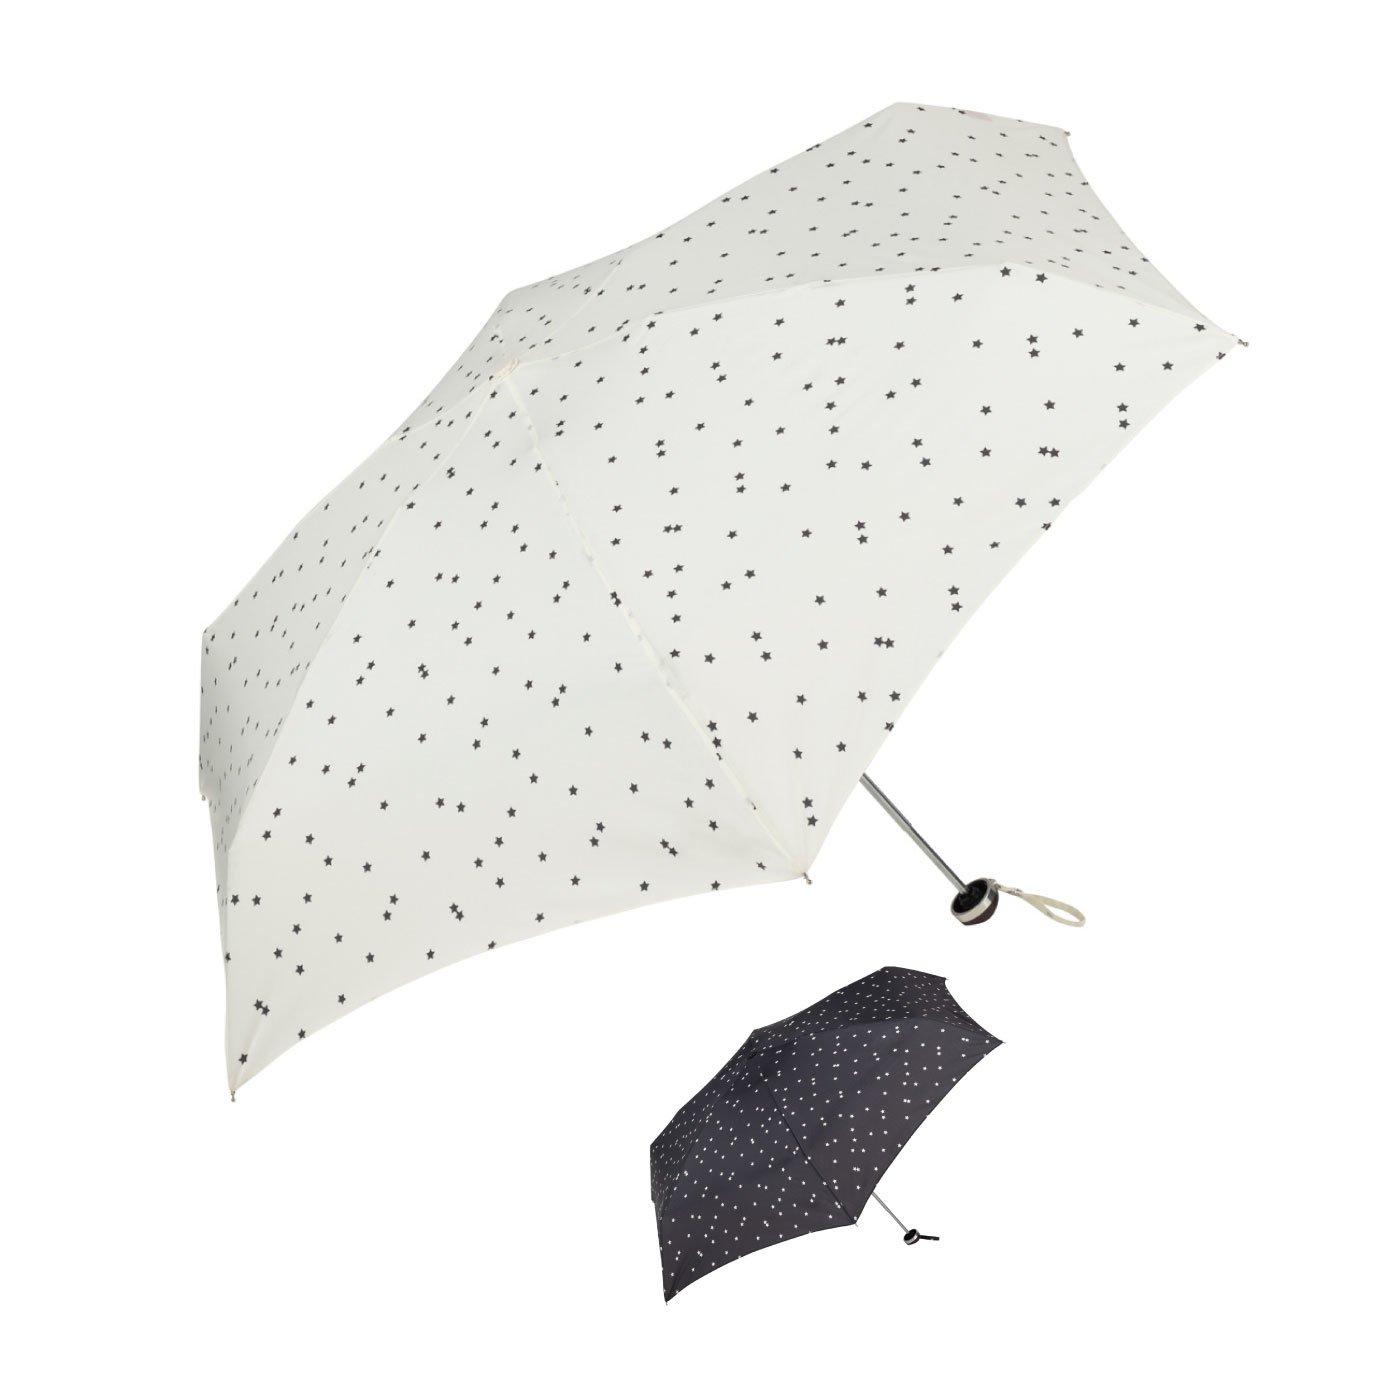 小さなスターがたくさん♪ ジッパーポーチ付き折りたたみ傘